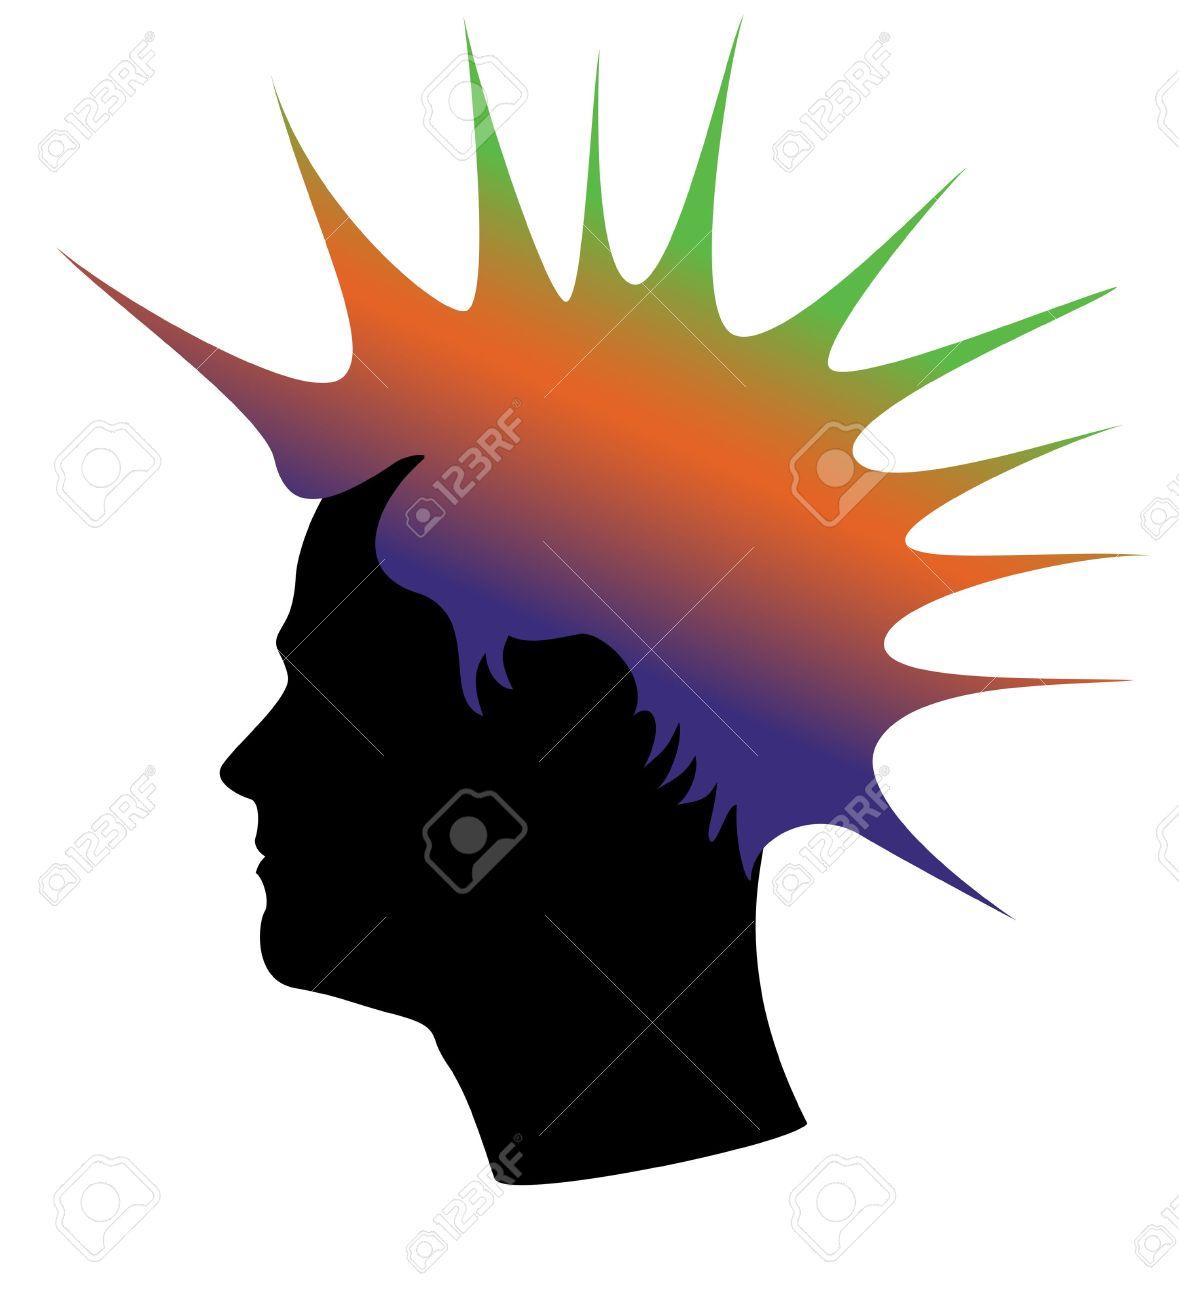 Mohawk clipart spiky hair  Mohawk Hair Clipart